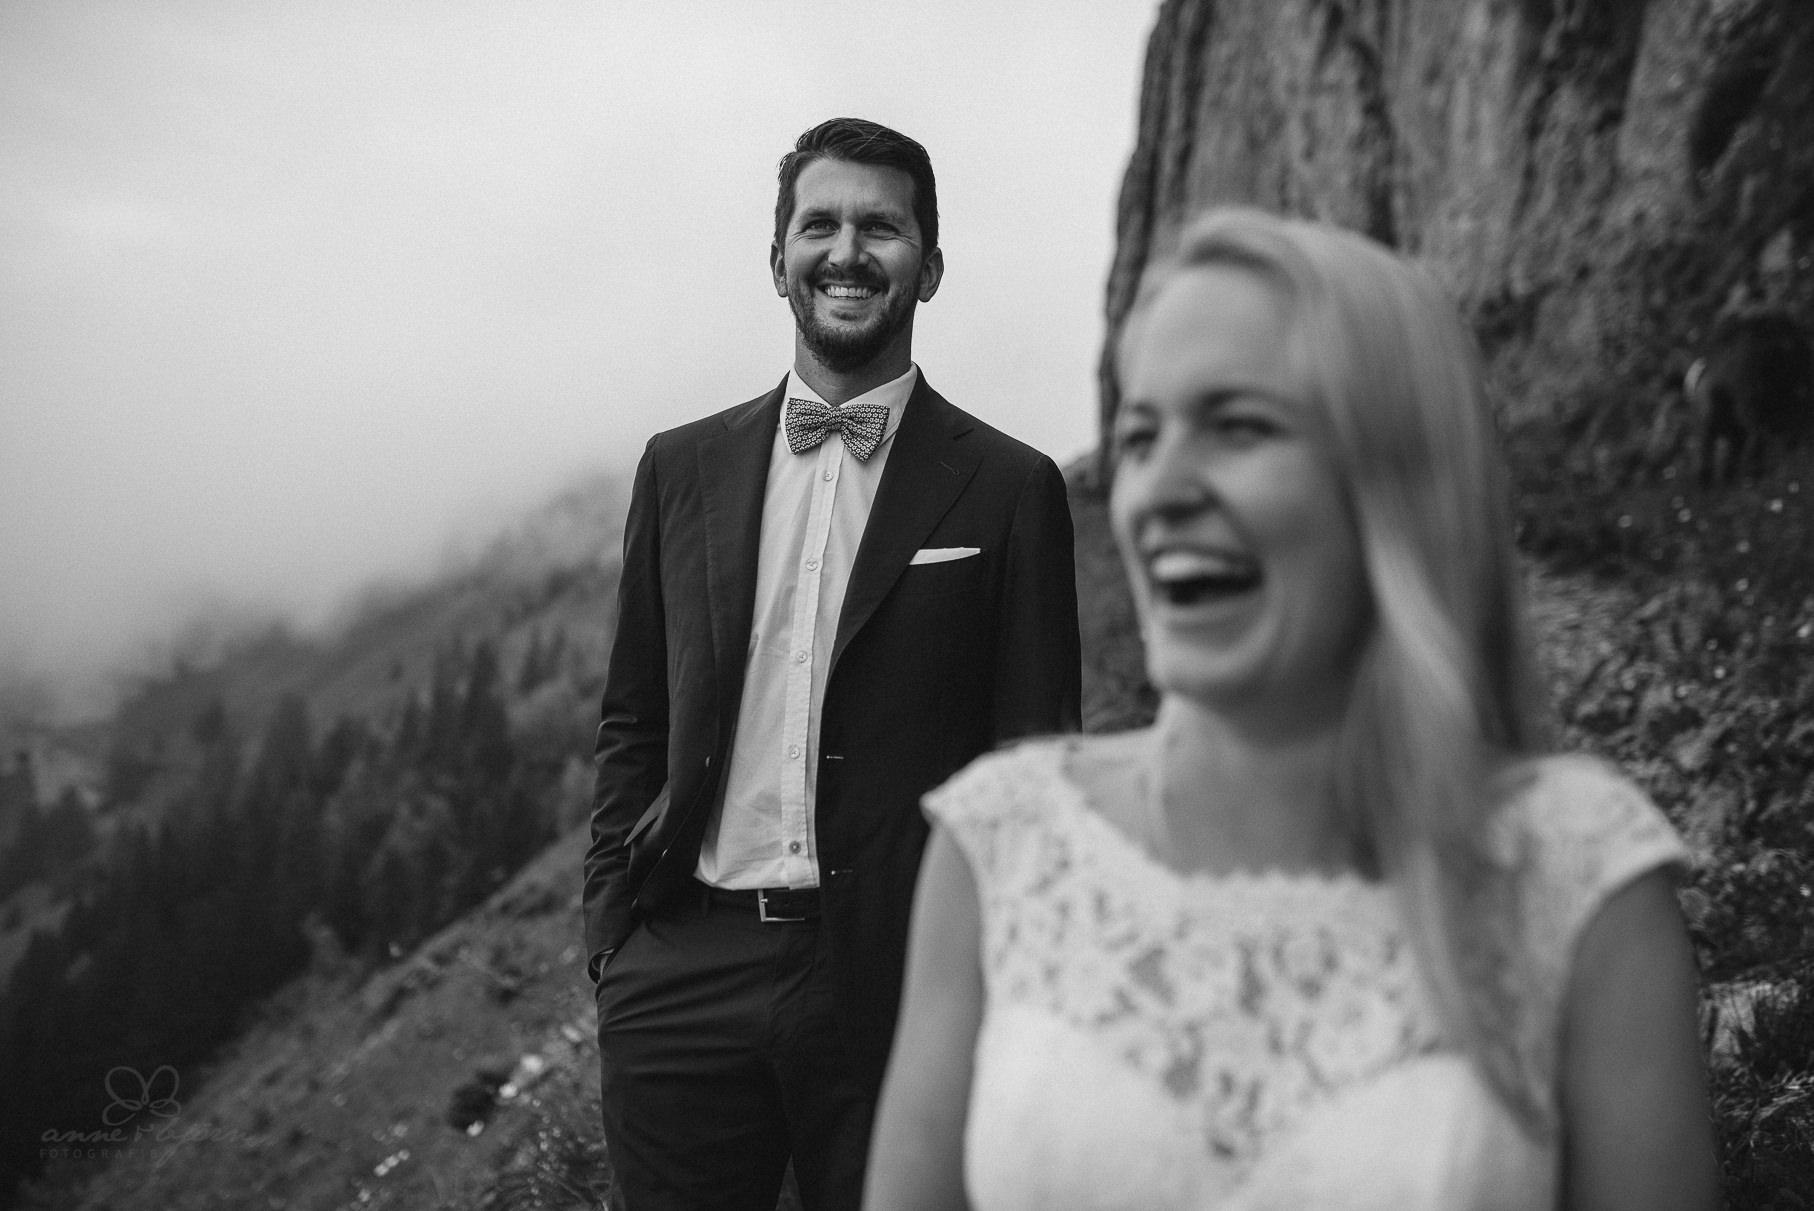 0030 anne und bjoern suc schweiz d75 3296 - After Wedding Shooting in der Schweiz - Sabrina & Christoph